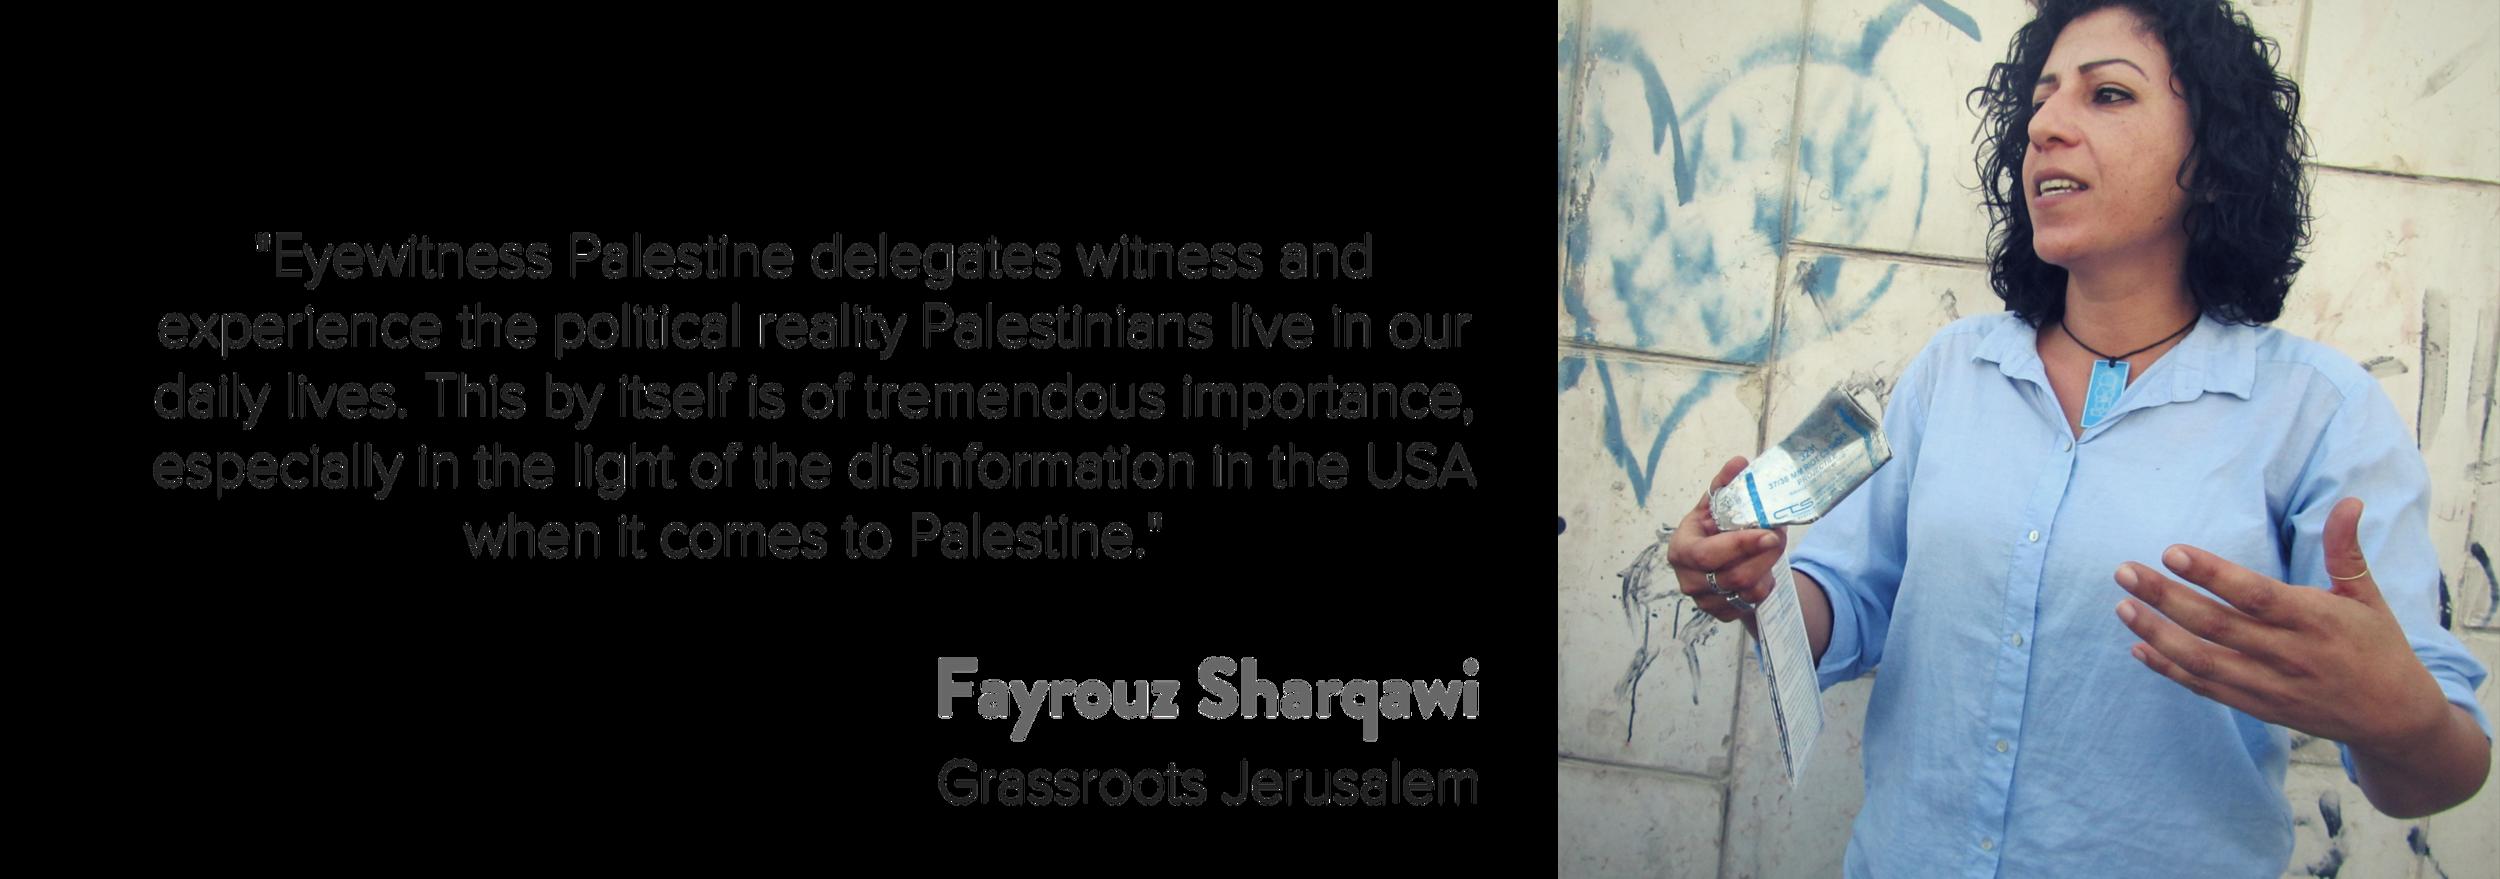 Fayrouz Sharqawi - Testimonial